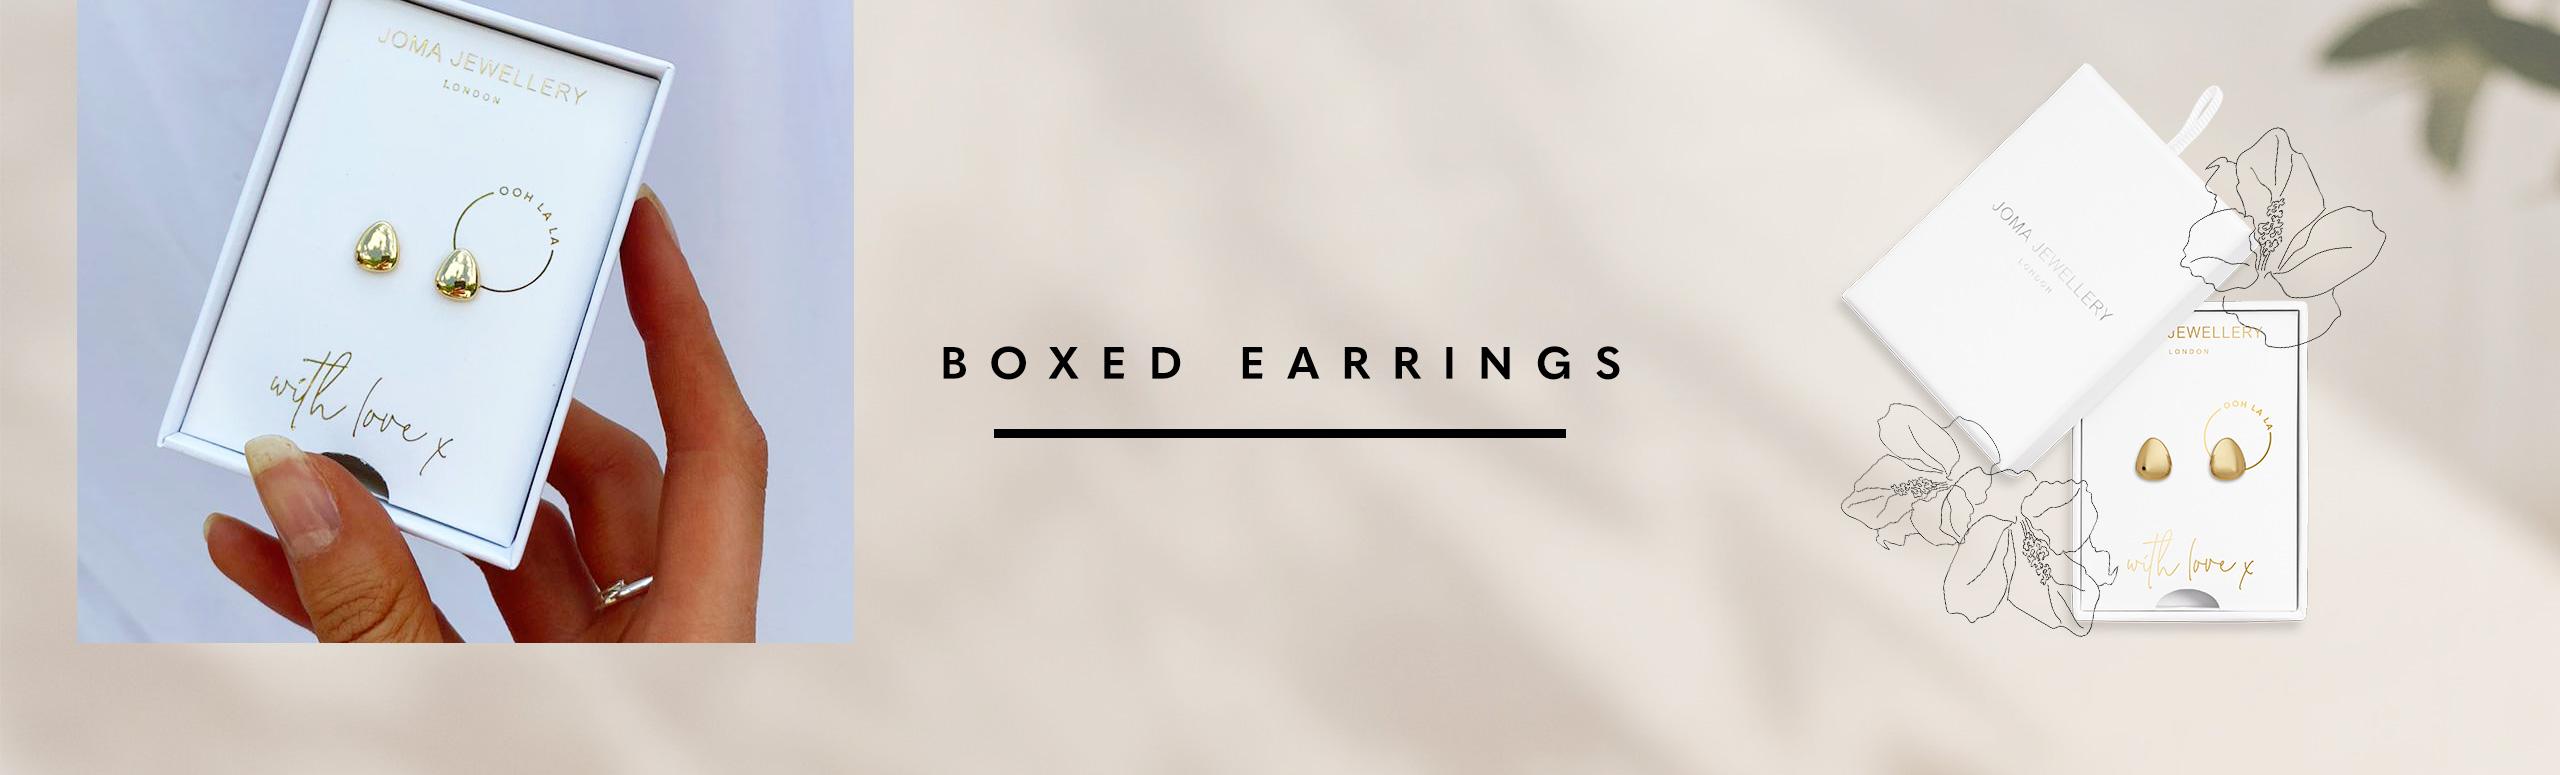 Boxed Earrings